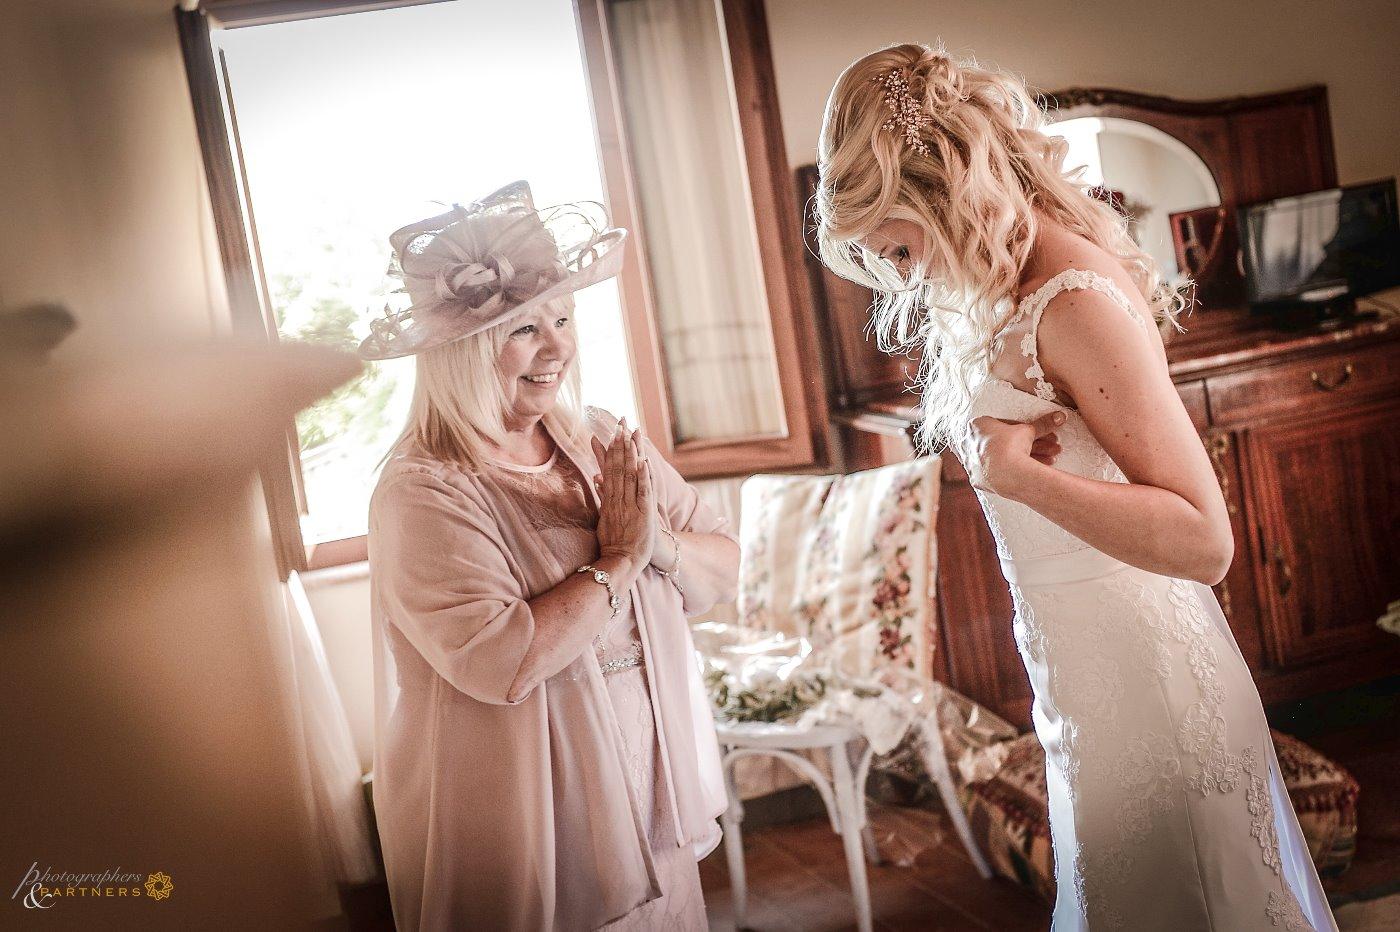 photography_weddings_bucciano_03.jpg